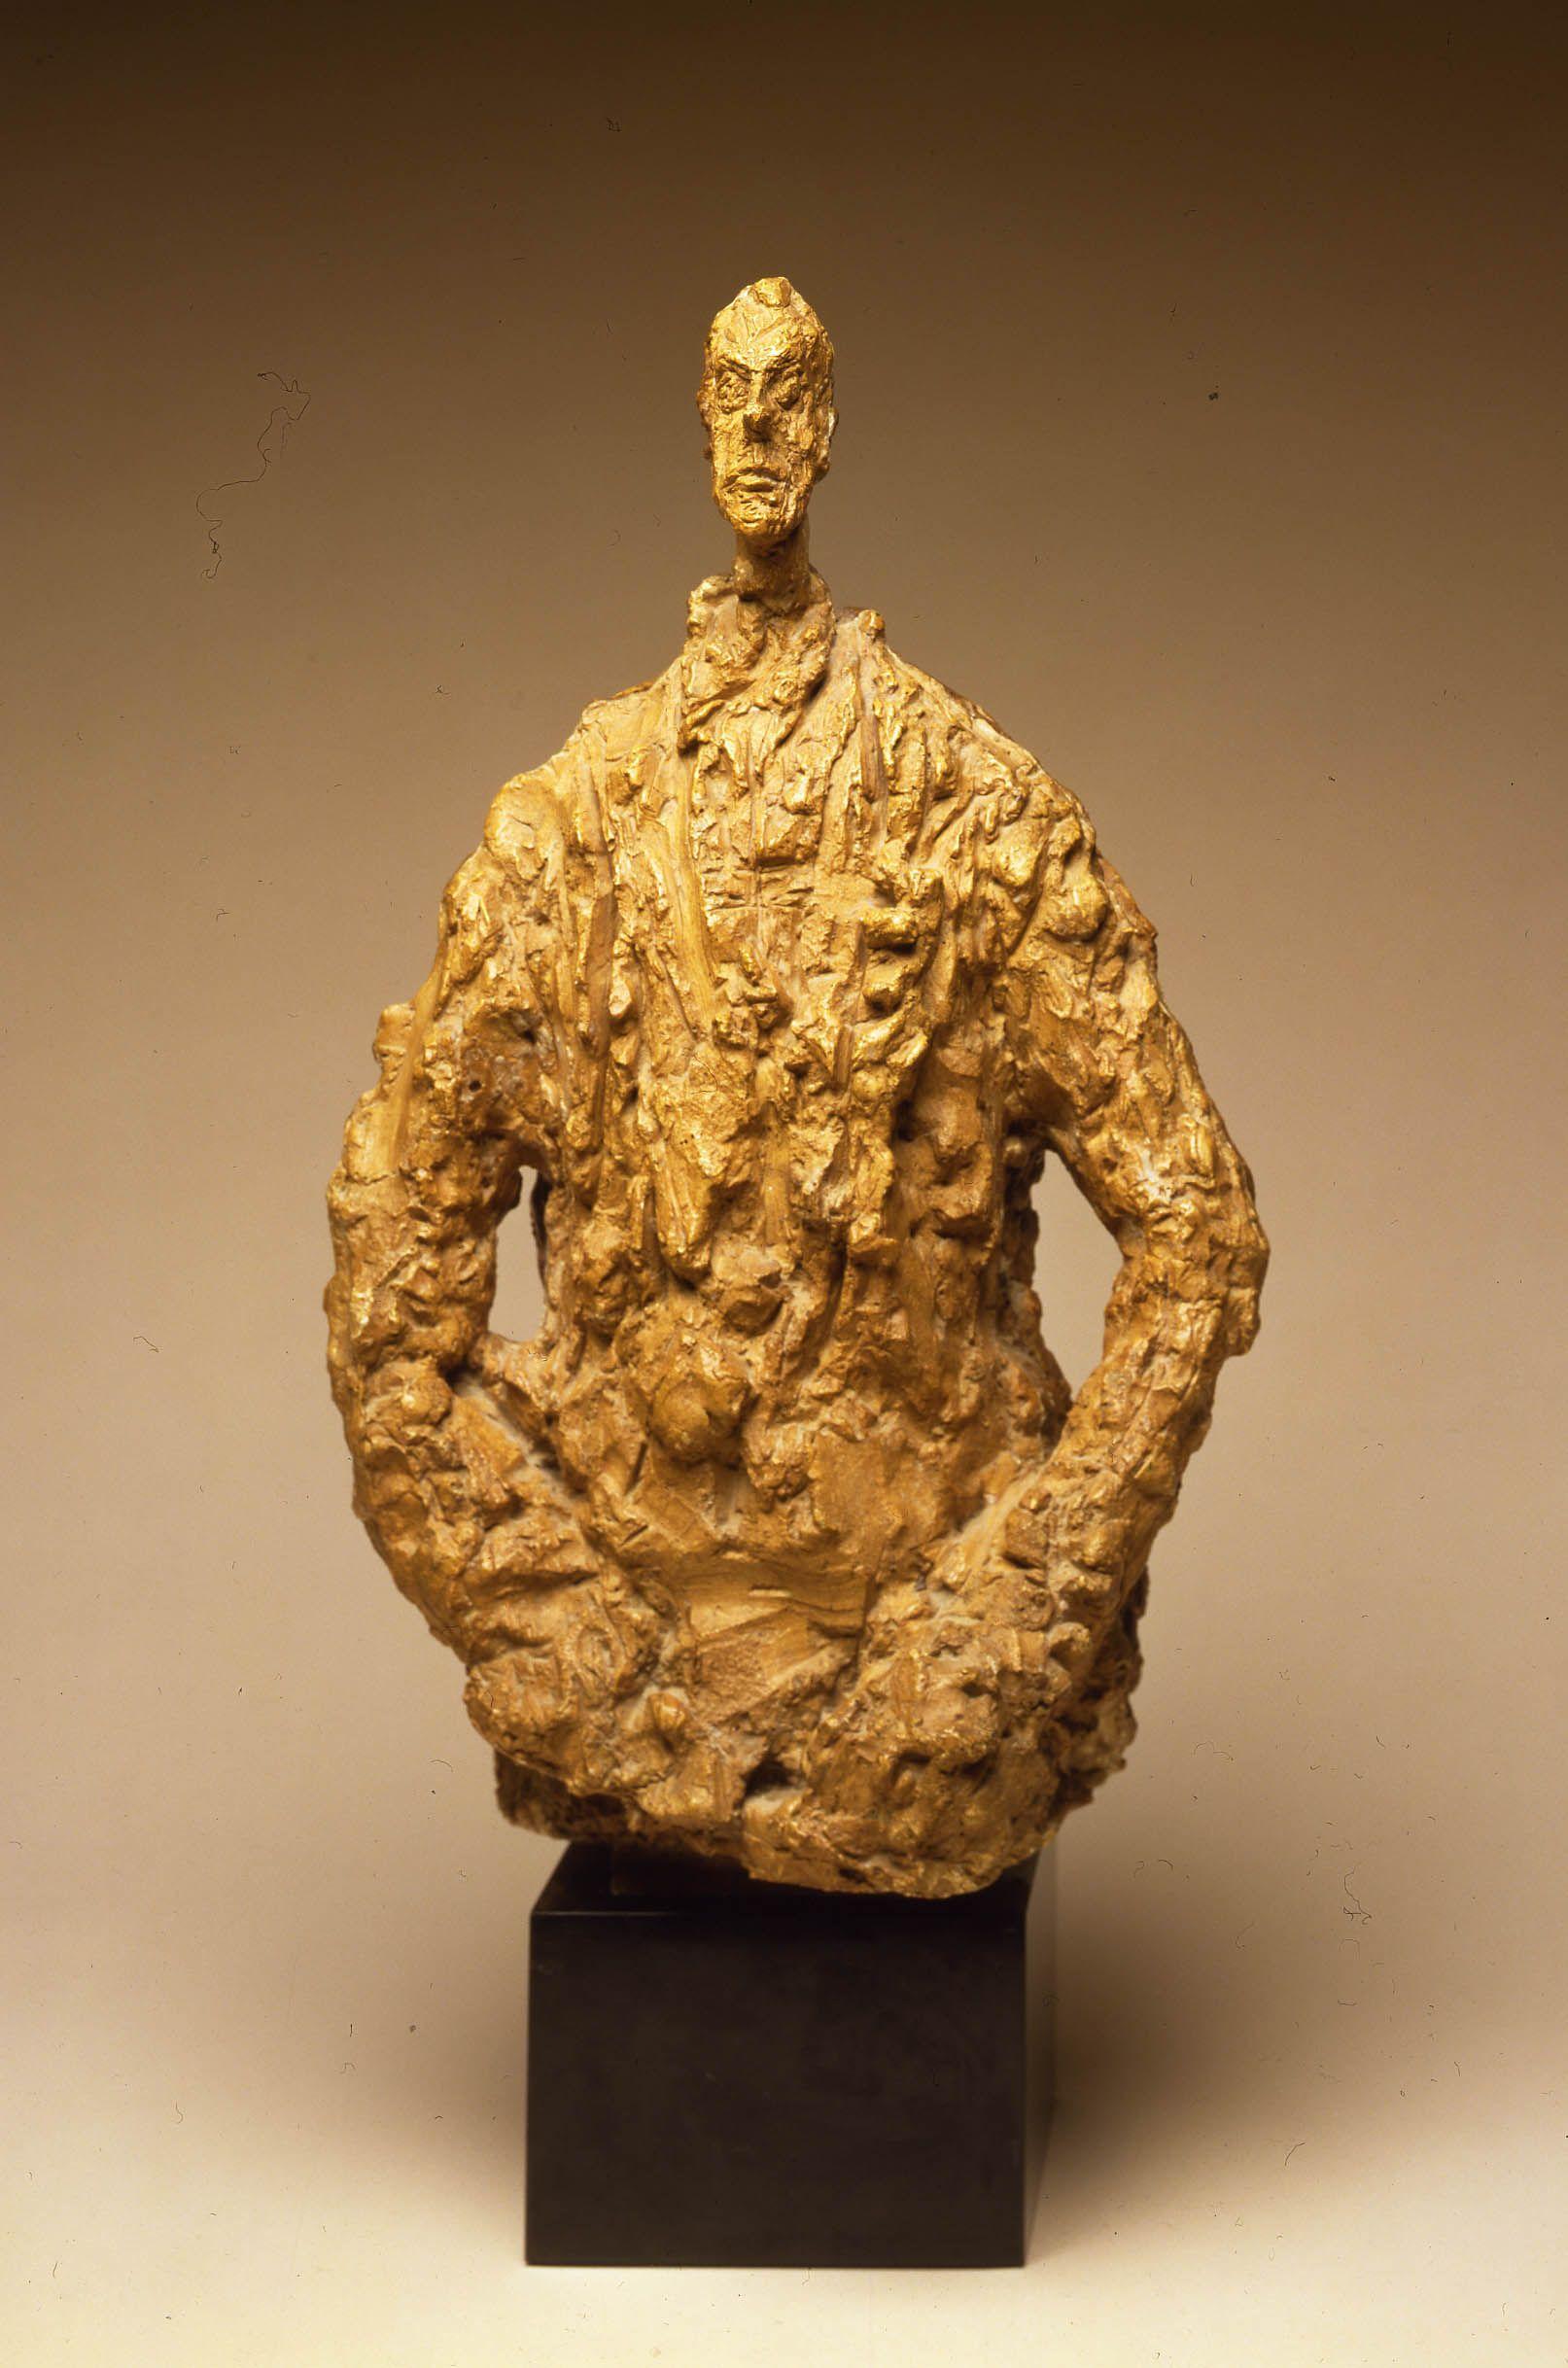 Alberto Giacometti | Giacometti | Pintura y escultura, Pinturas et Esculturas